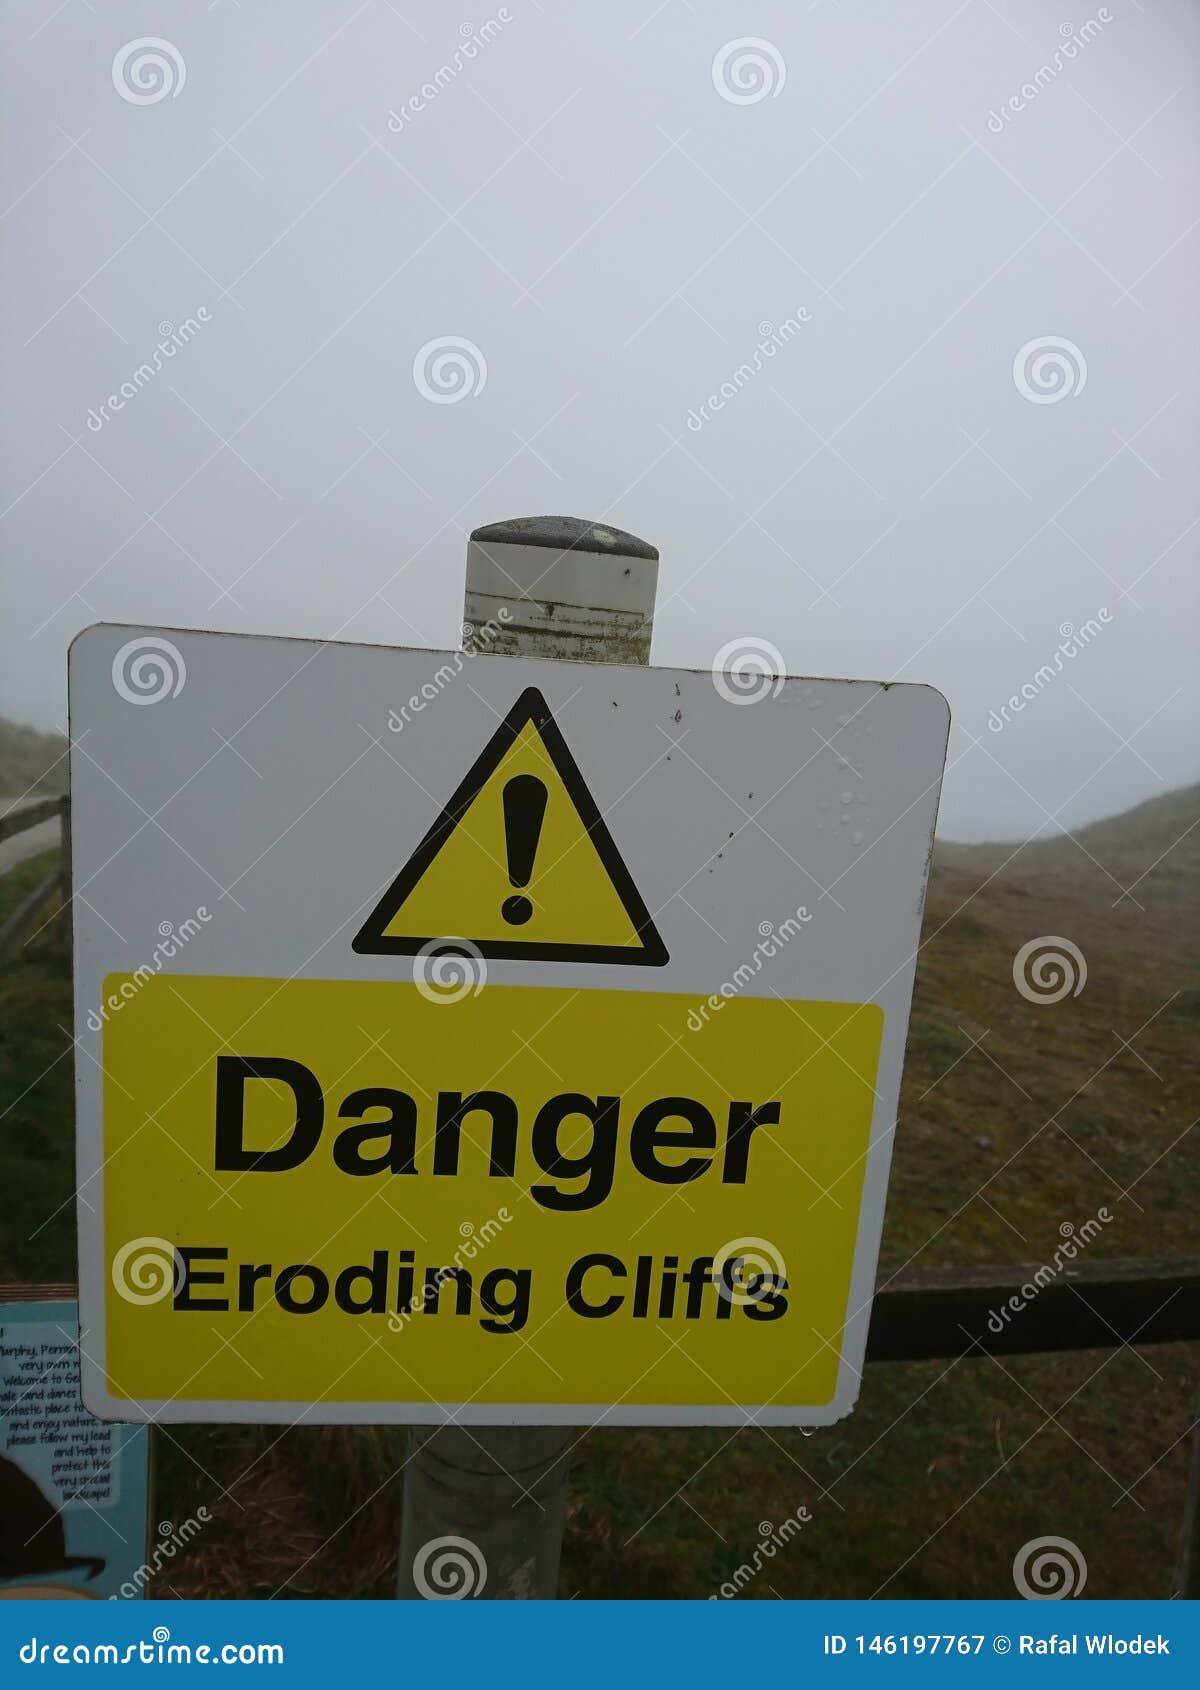 Προειδοποιητικά σημάδια Να είστε προσεκτικός κατά την περπάτημα, οργή clifs, διαβρώνοντας τους απότομους βράχους Διακοπές της Κορ